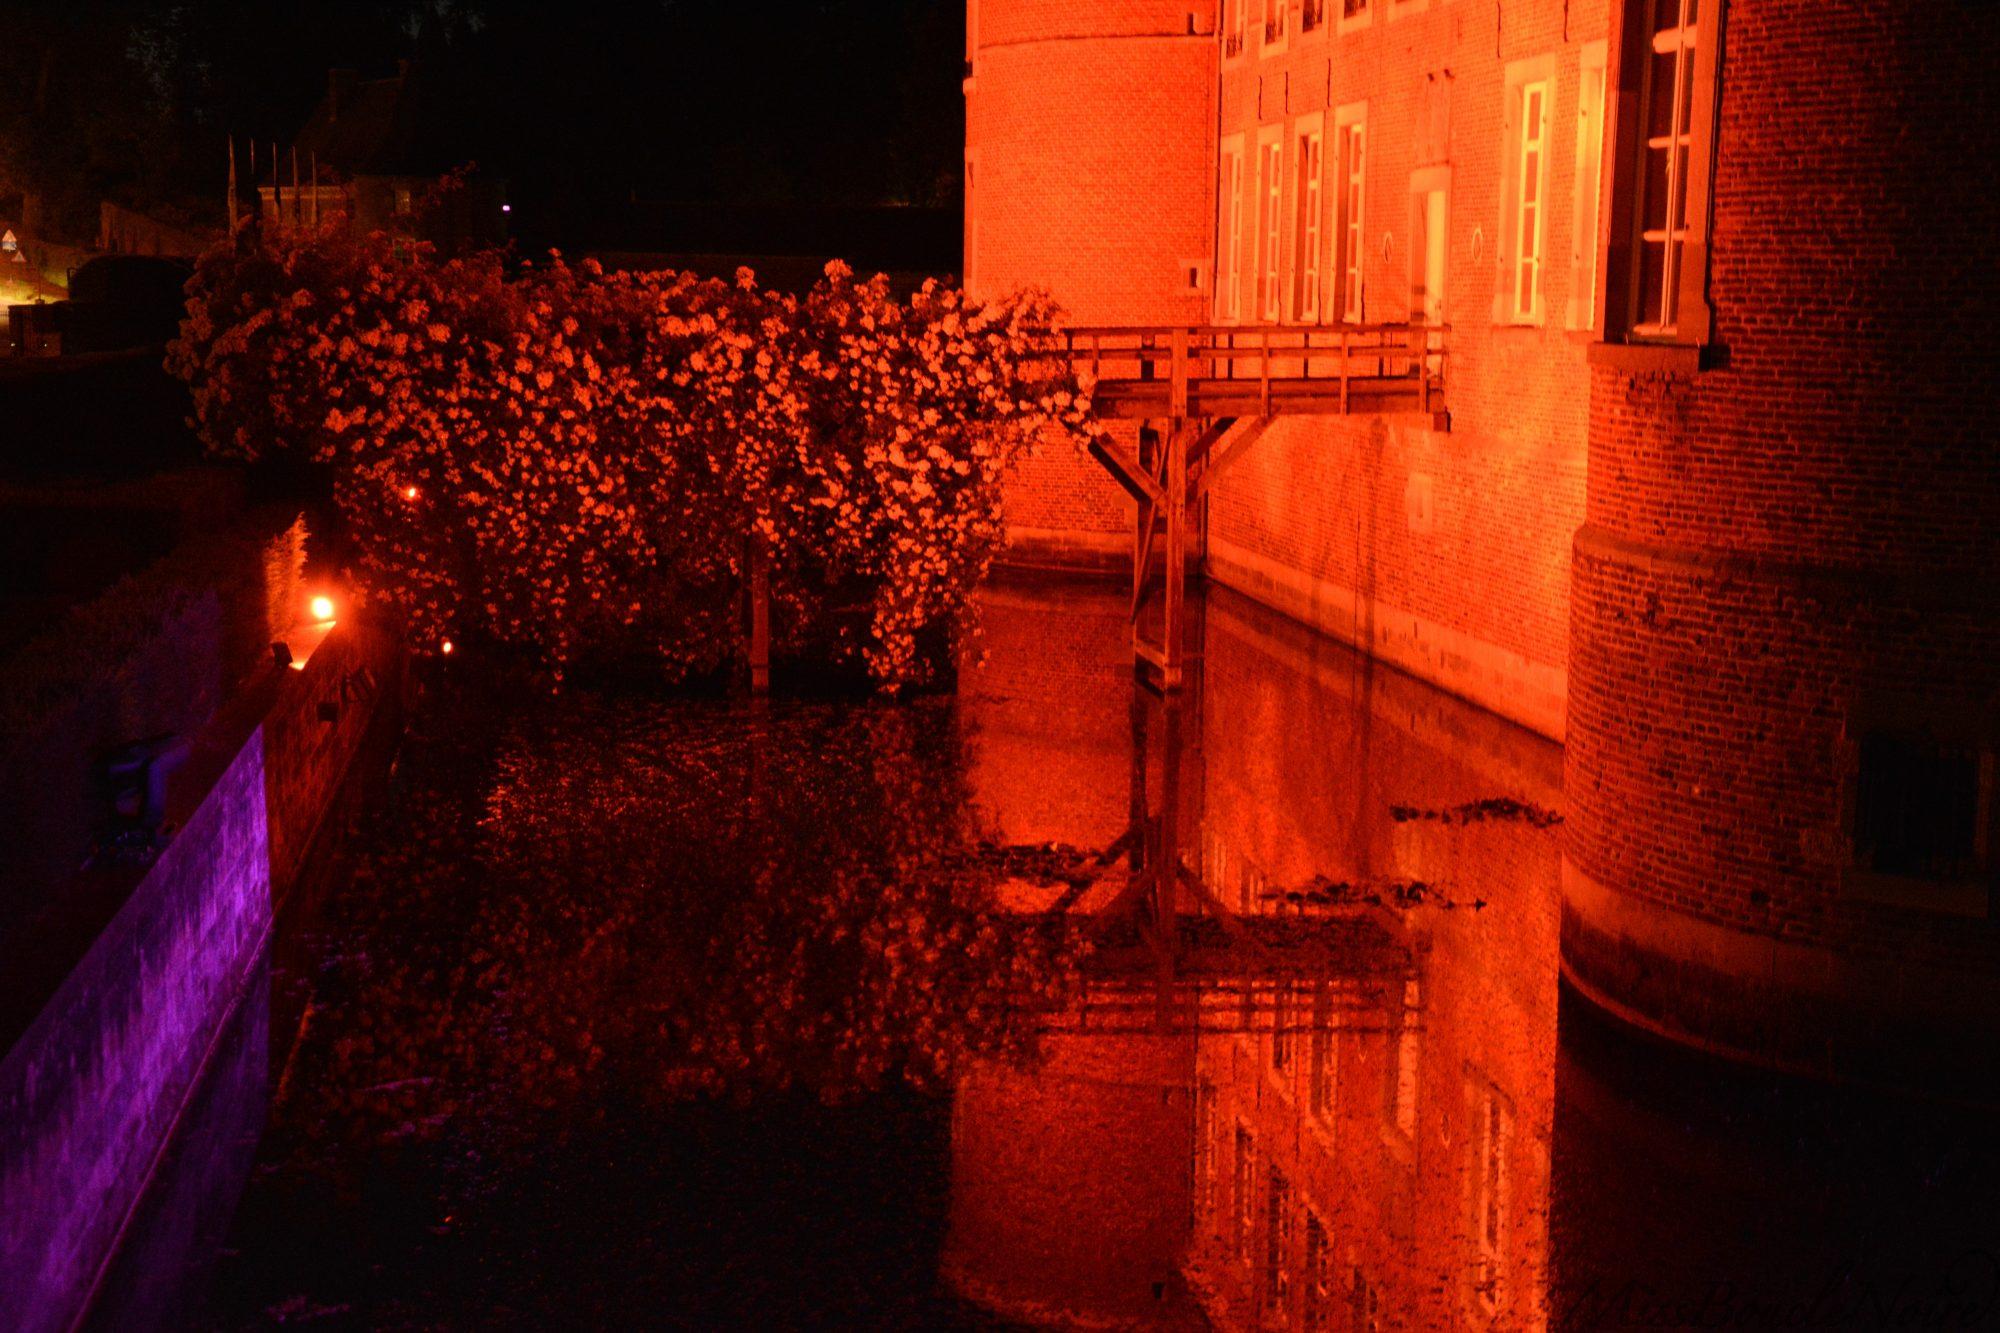 Les douves du château avec un éclairage qui changera au cour de l'histoire pour conter une mésaventure lors de la vente du château...